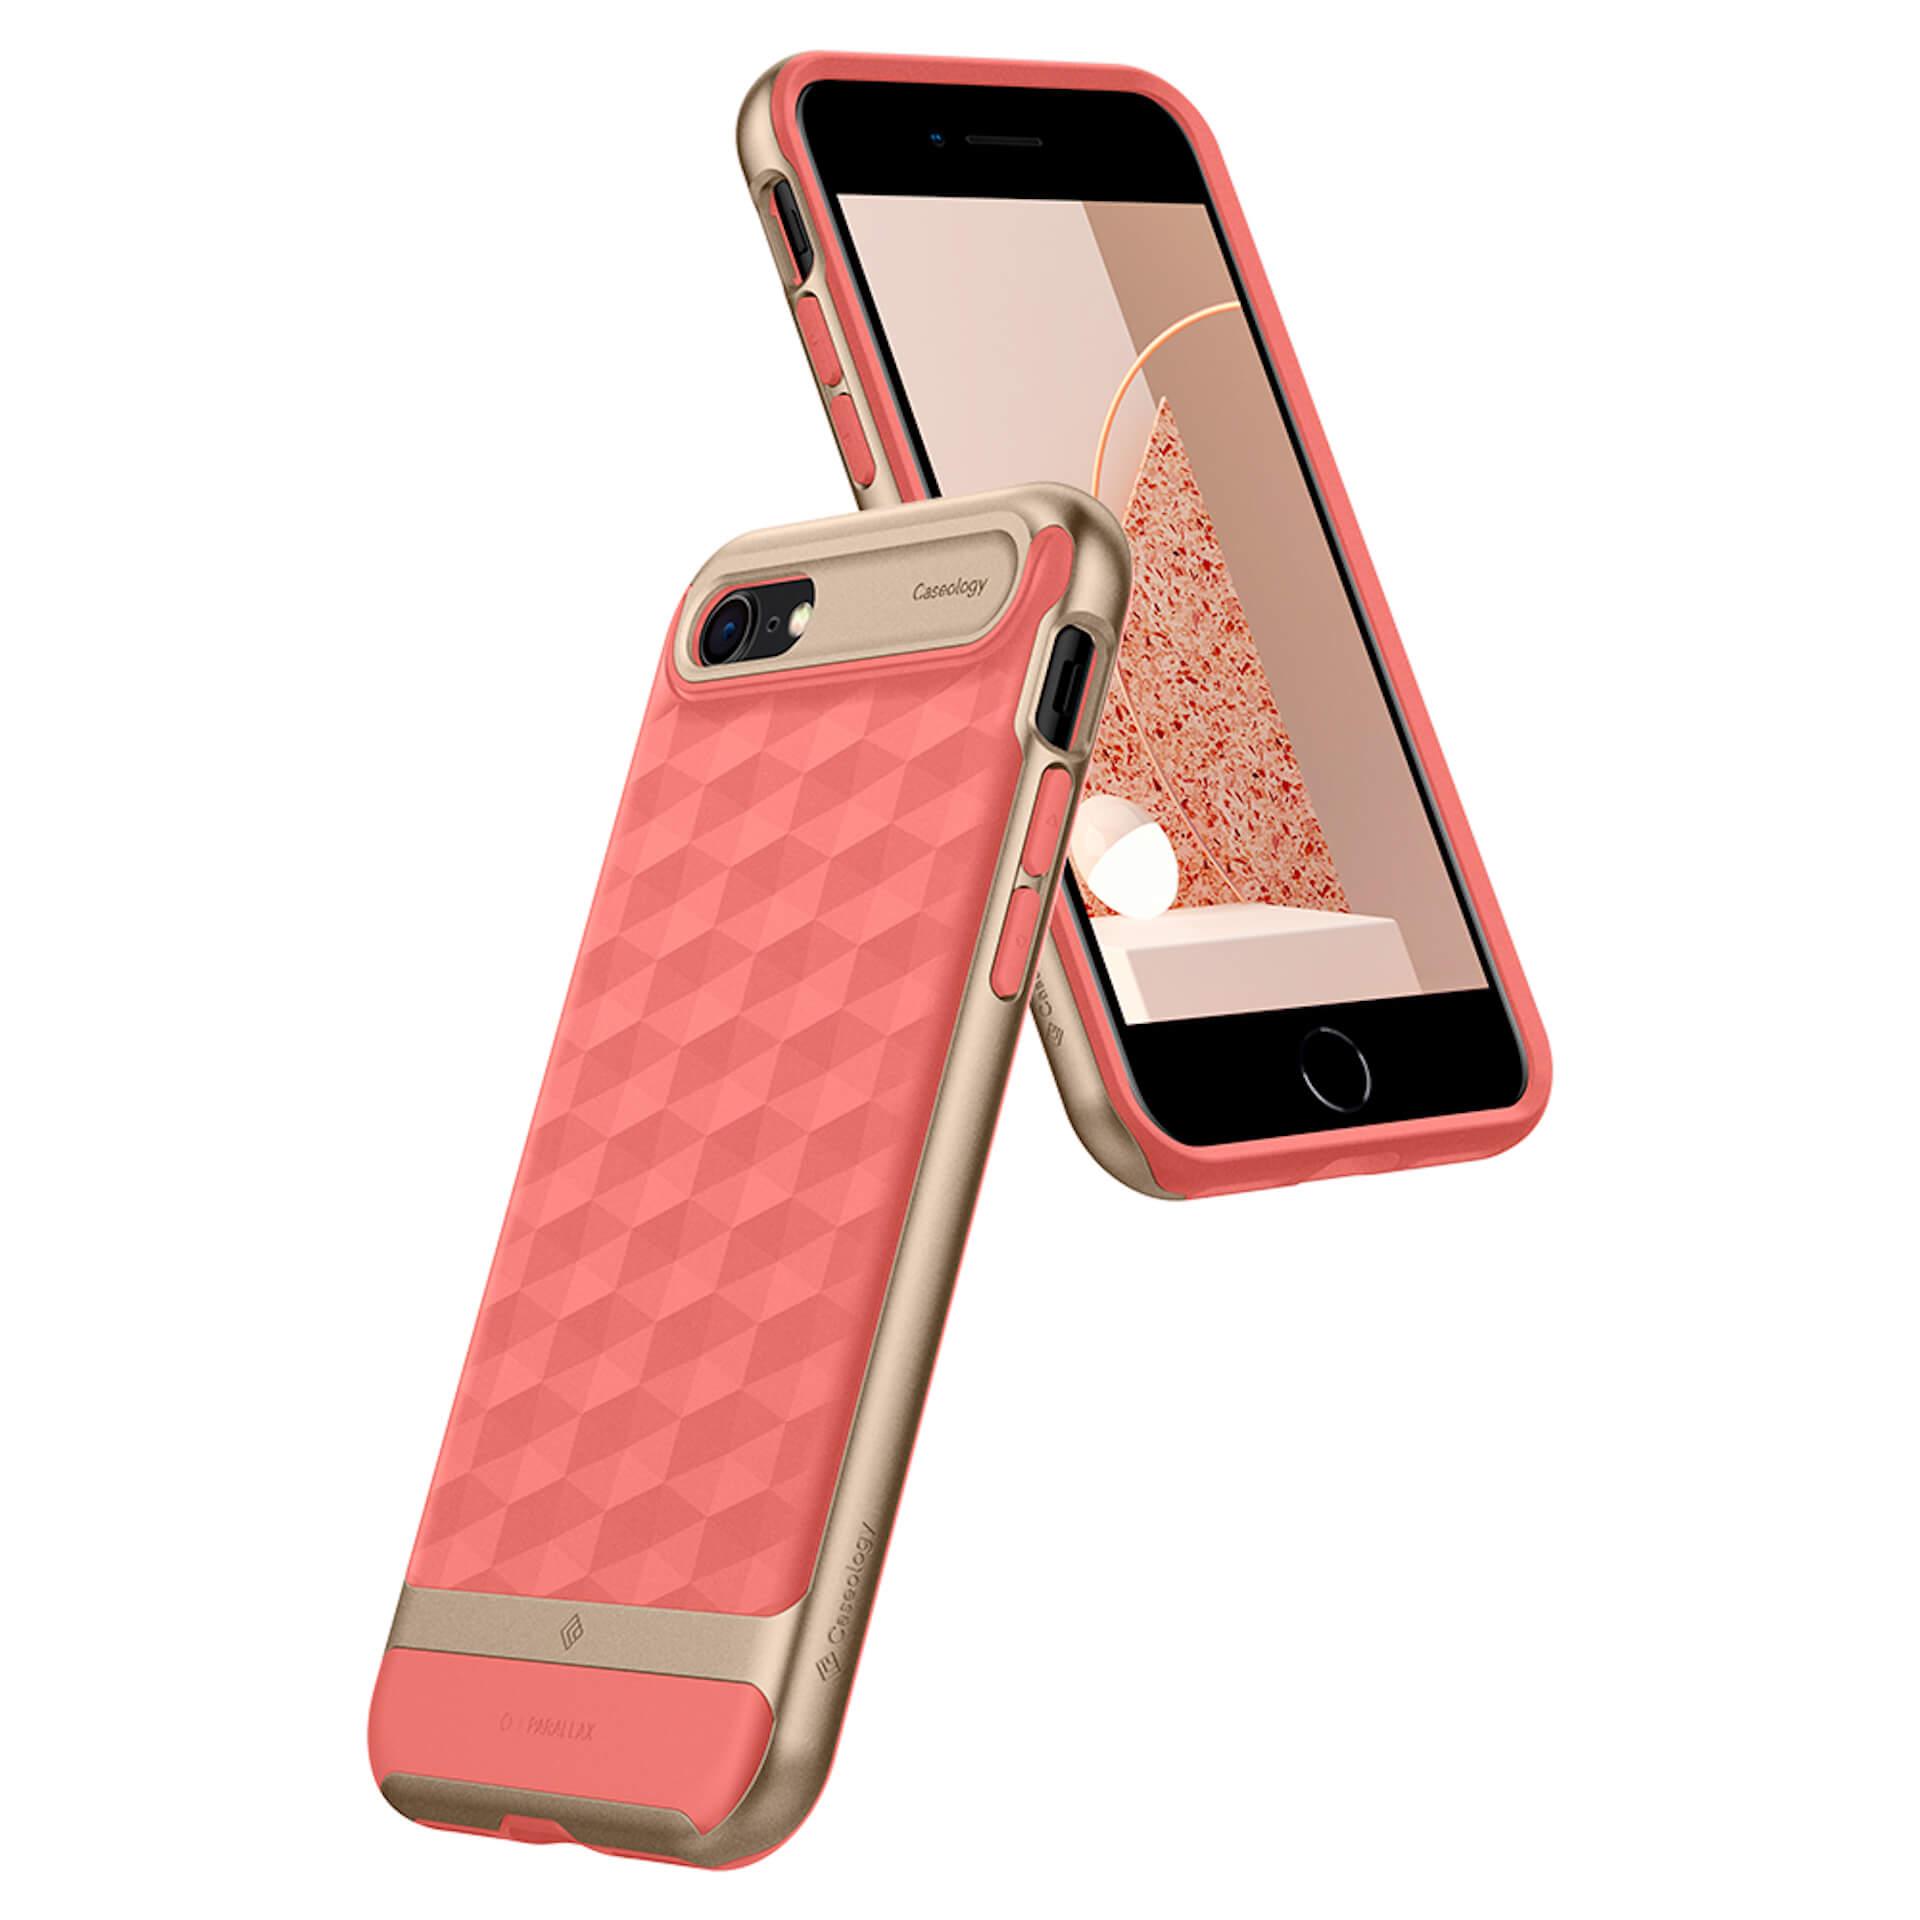 本日予約受付開始のiPhone SE用のCaseologyスマホケースが発売!Amazonにてキャンペーンも tech200417_iphonese_case_6